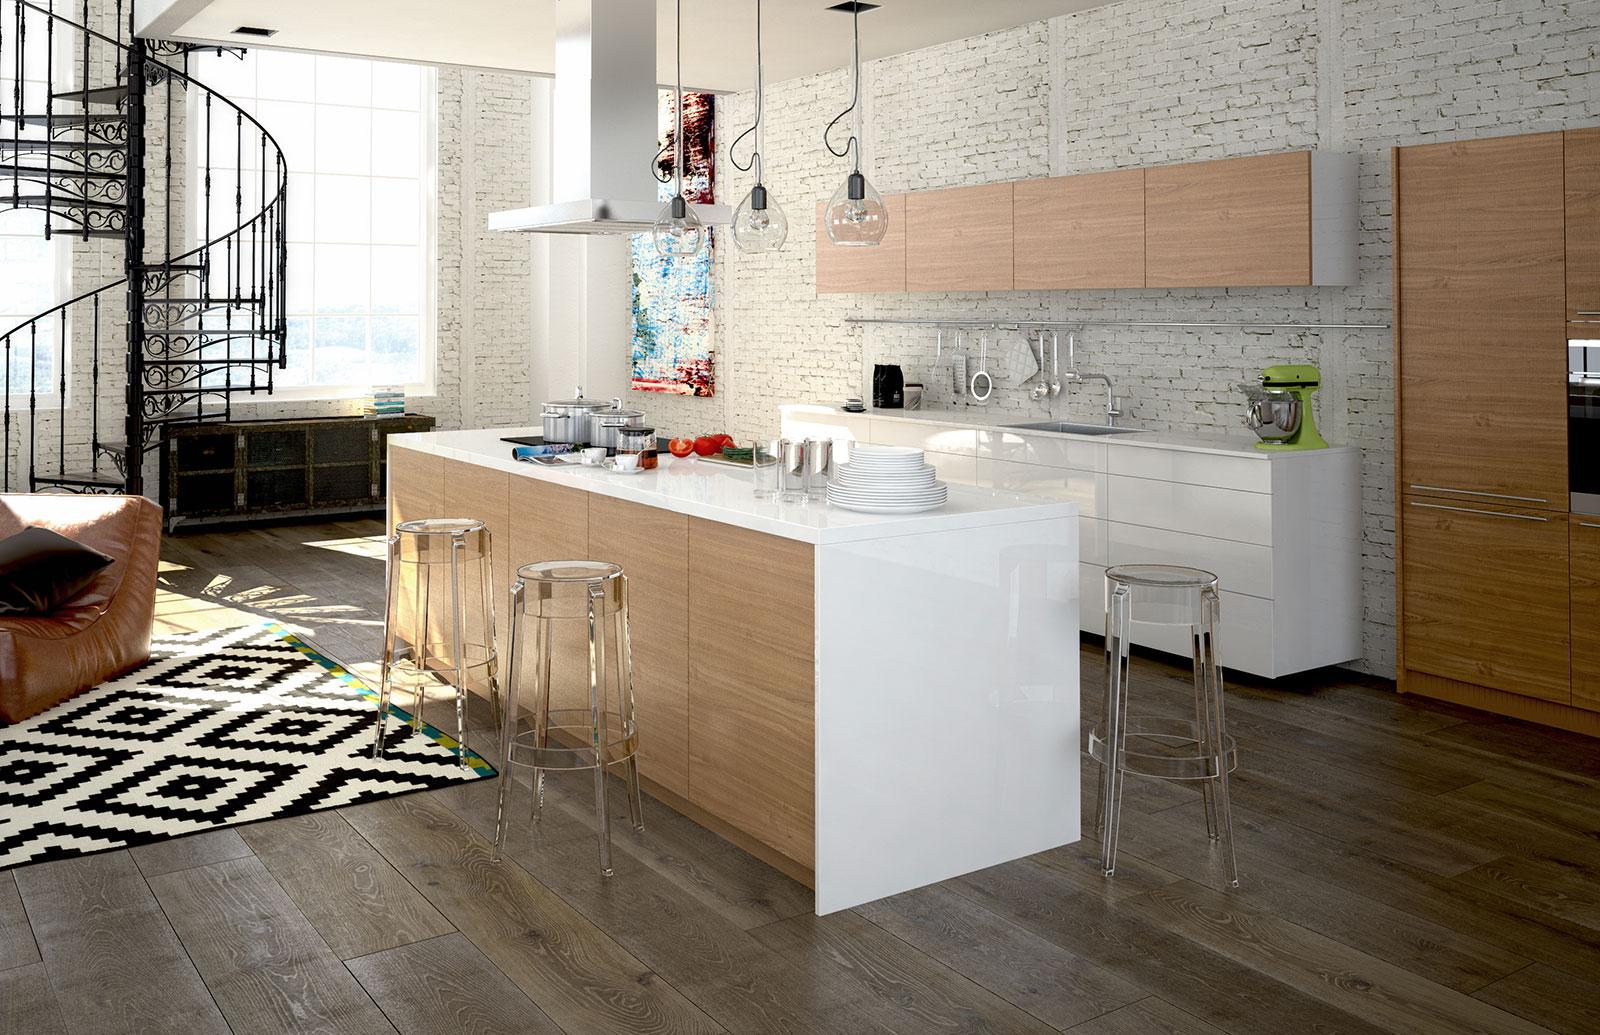 bathroom & kitchen cabinet remodeling in glendale | ajemco, inc